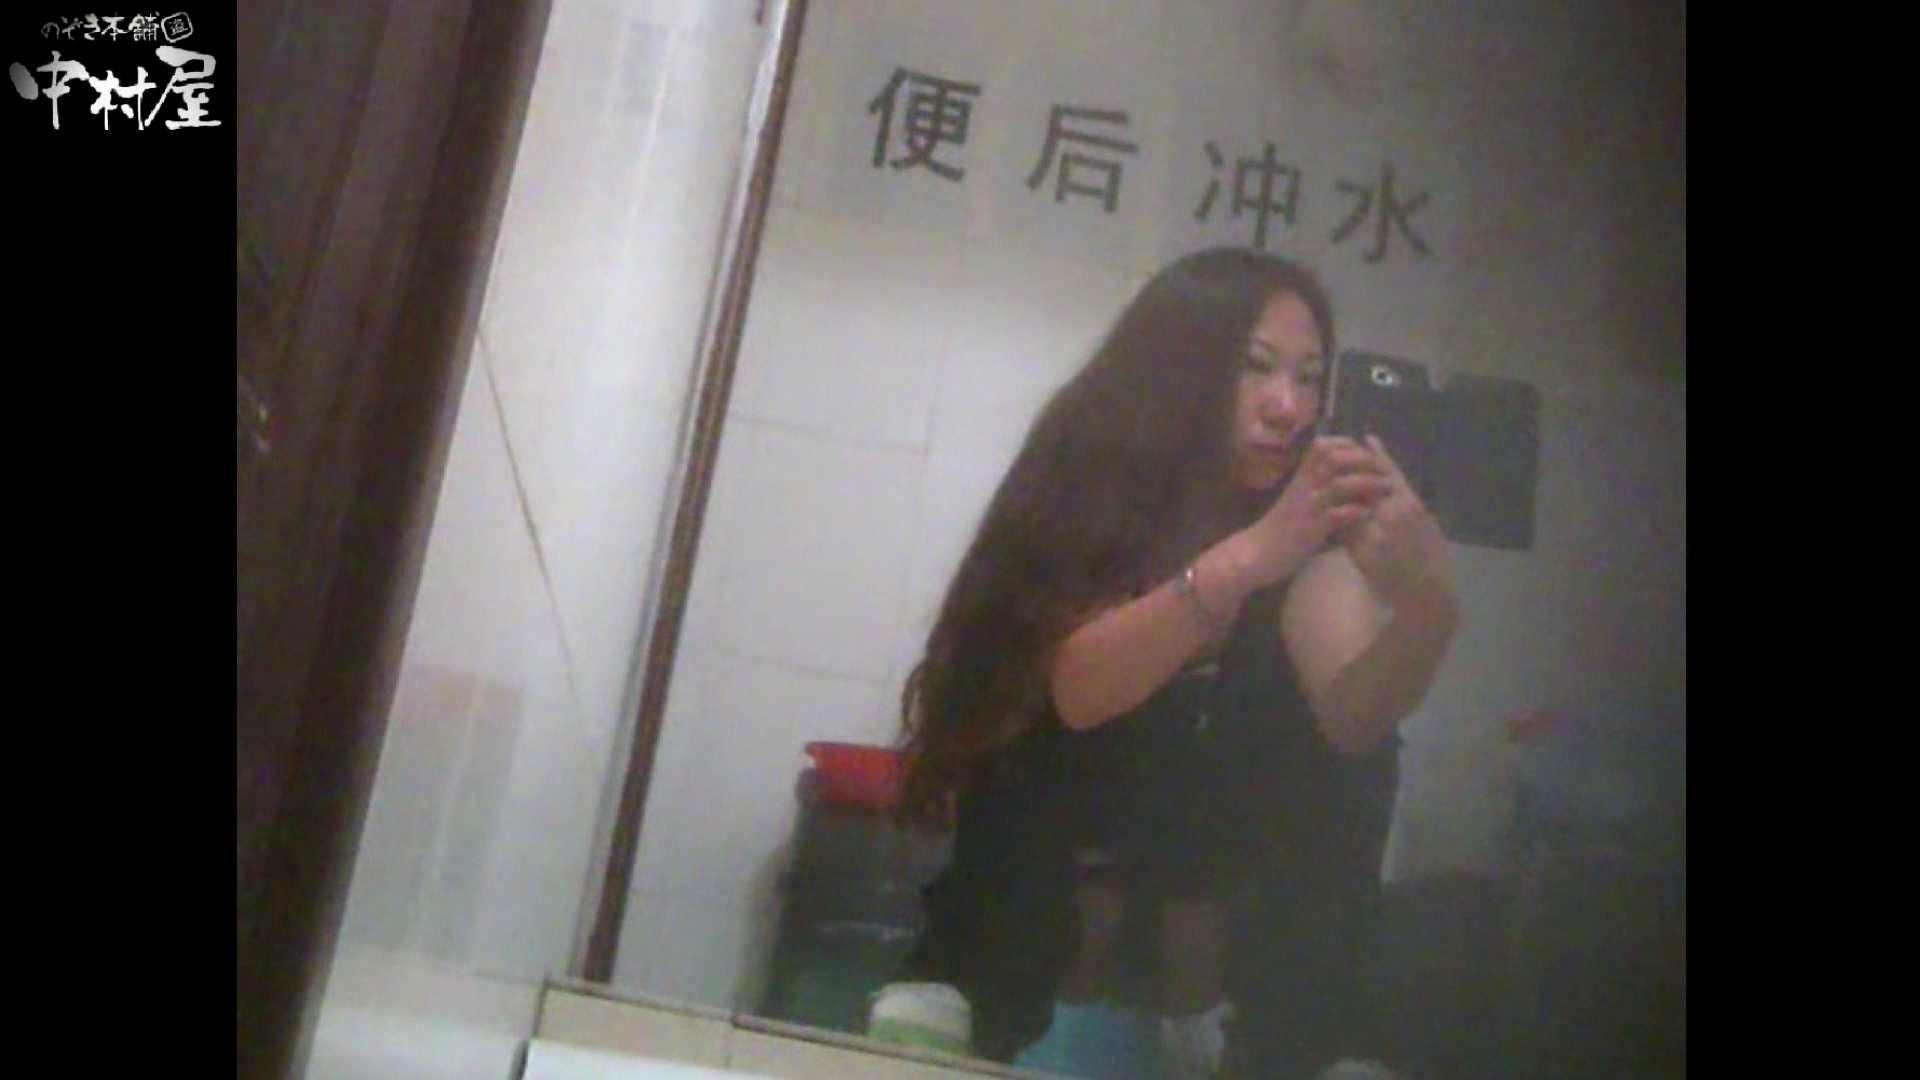 李さんの盗撮日記 Vol.03 ギャル 性交動画流出 101pic 88